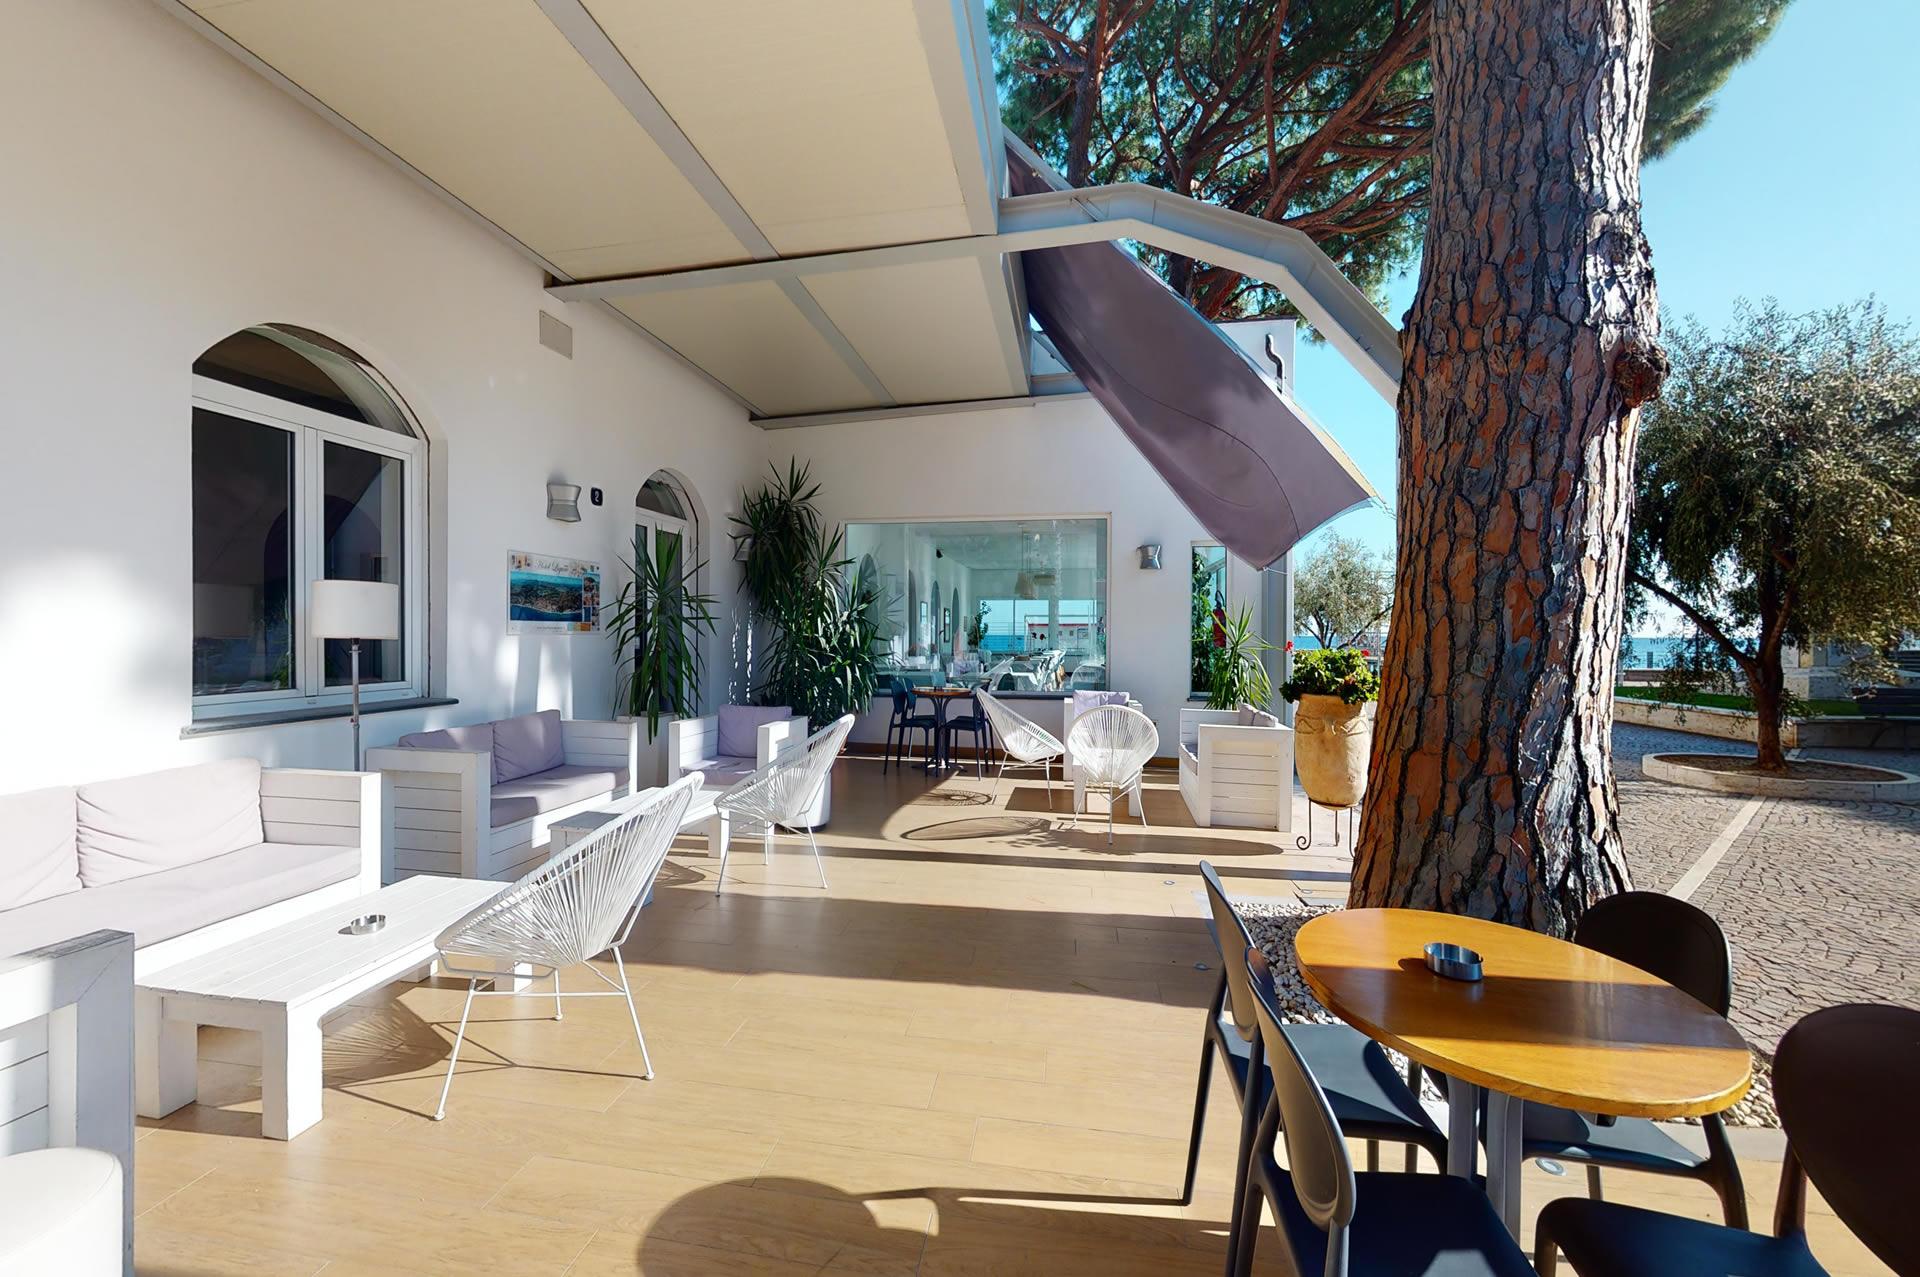 Hotel Ligure Spotorno 2019 Albergo sul mare Spotorno Vacanza